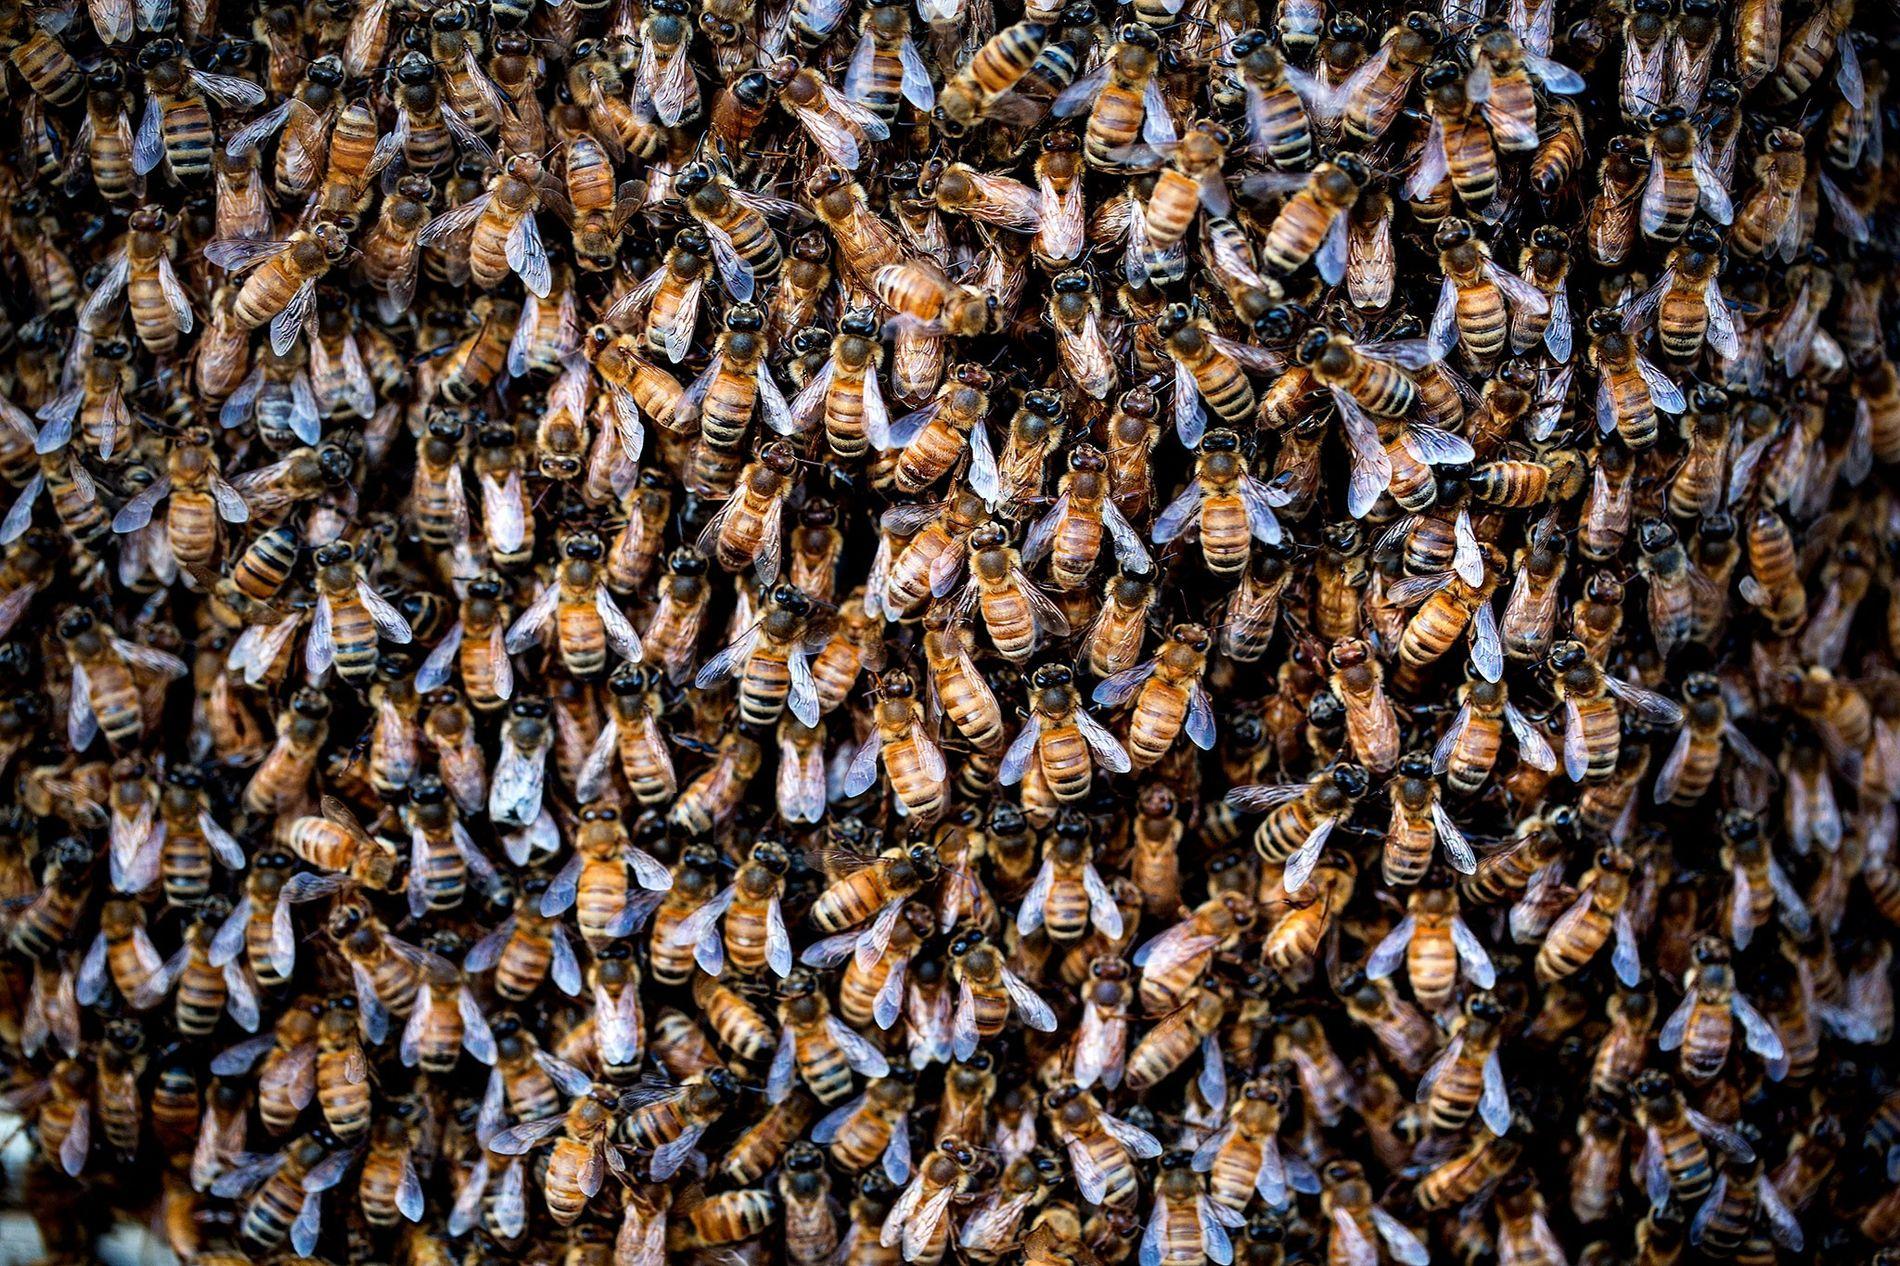 Aumento de 50 vezes no uso de agrotóxicos pode levar a apocalipse de insetos